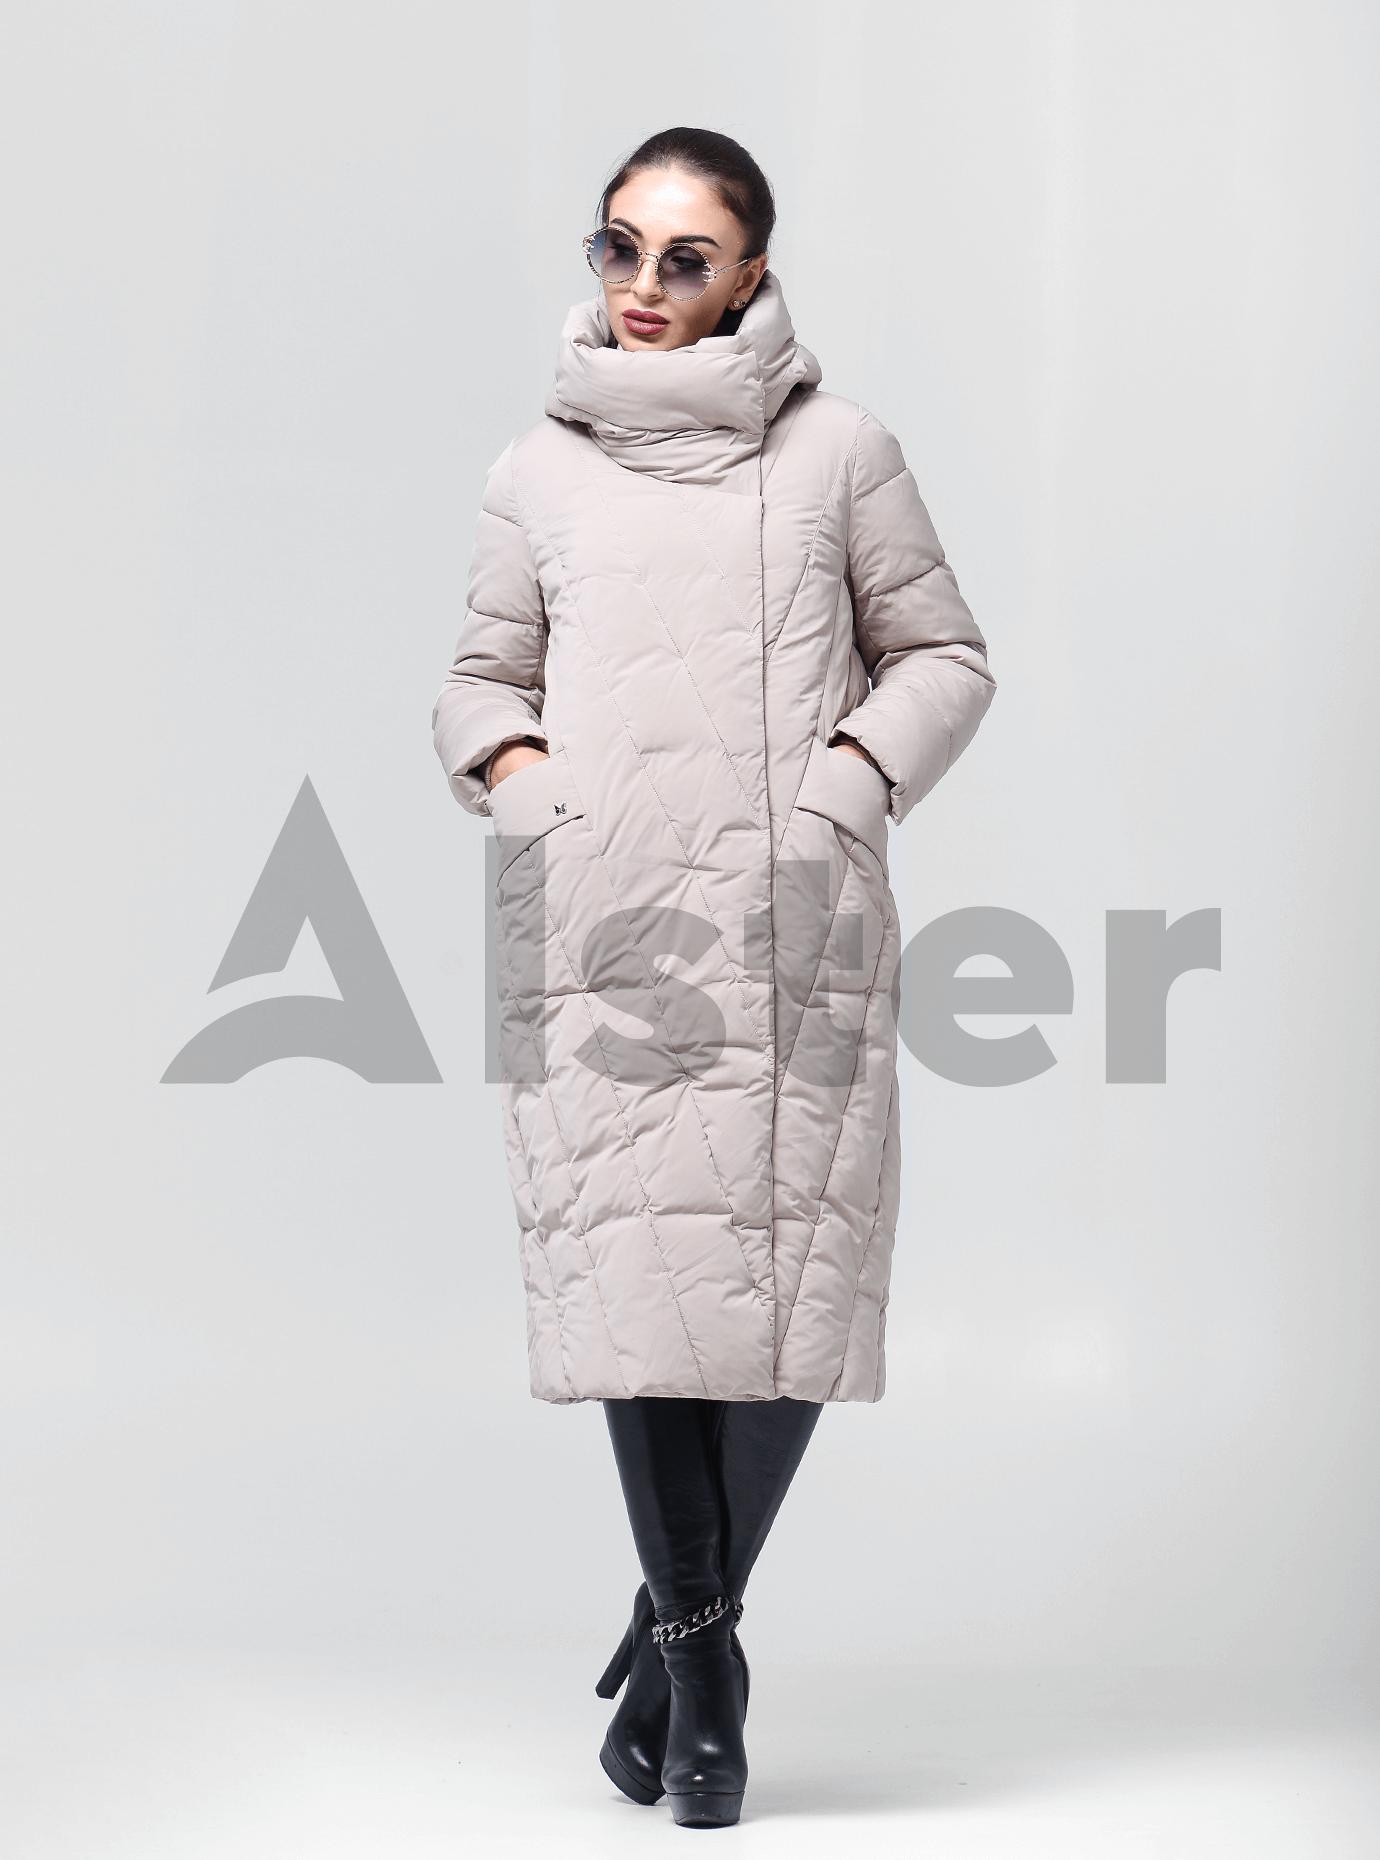 Пальто зимове довге Світло-сірий 46 (02-BF19165): фото - Alster.ua